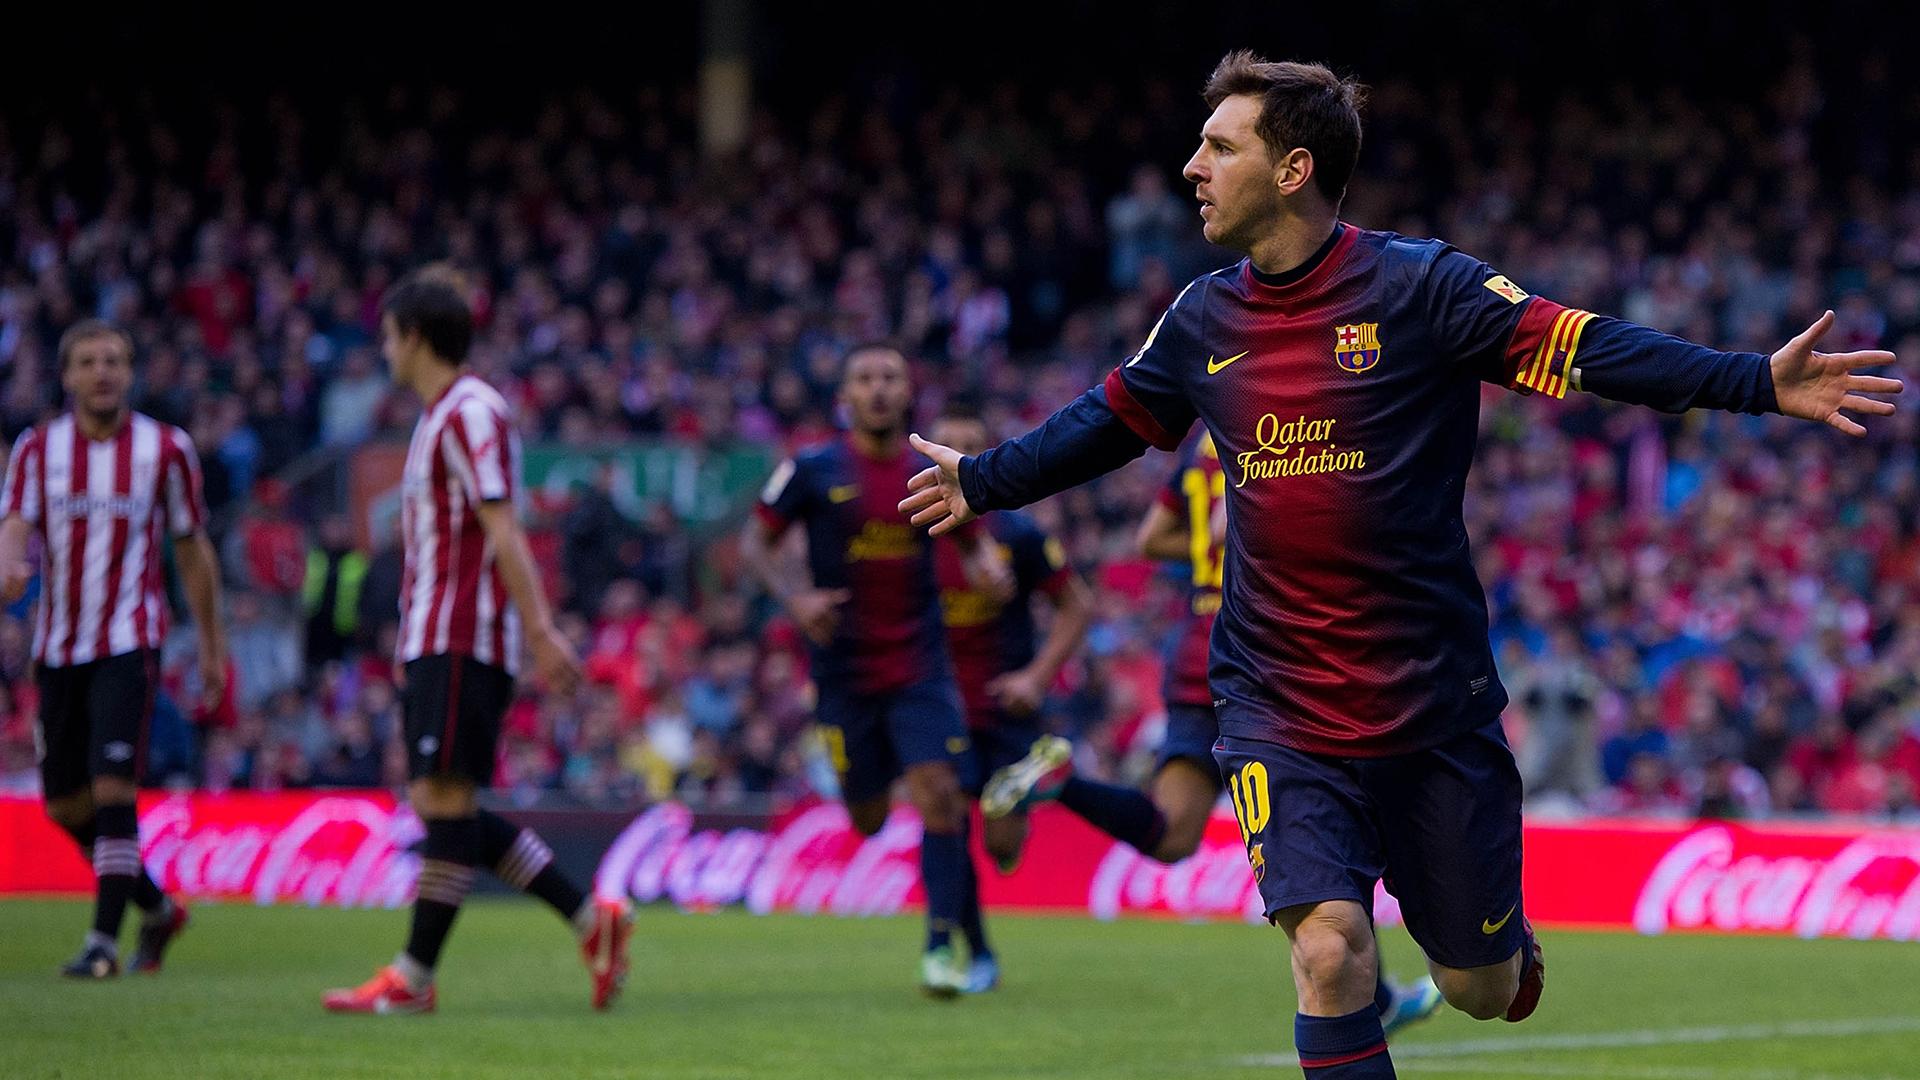 Messi celebrates against Athletic Bilbao